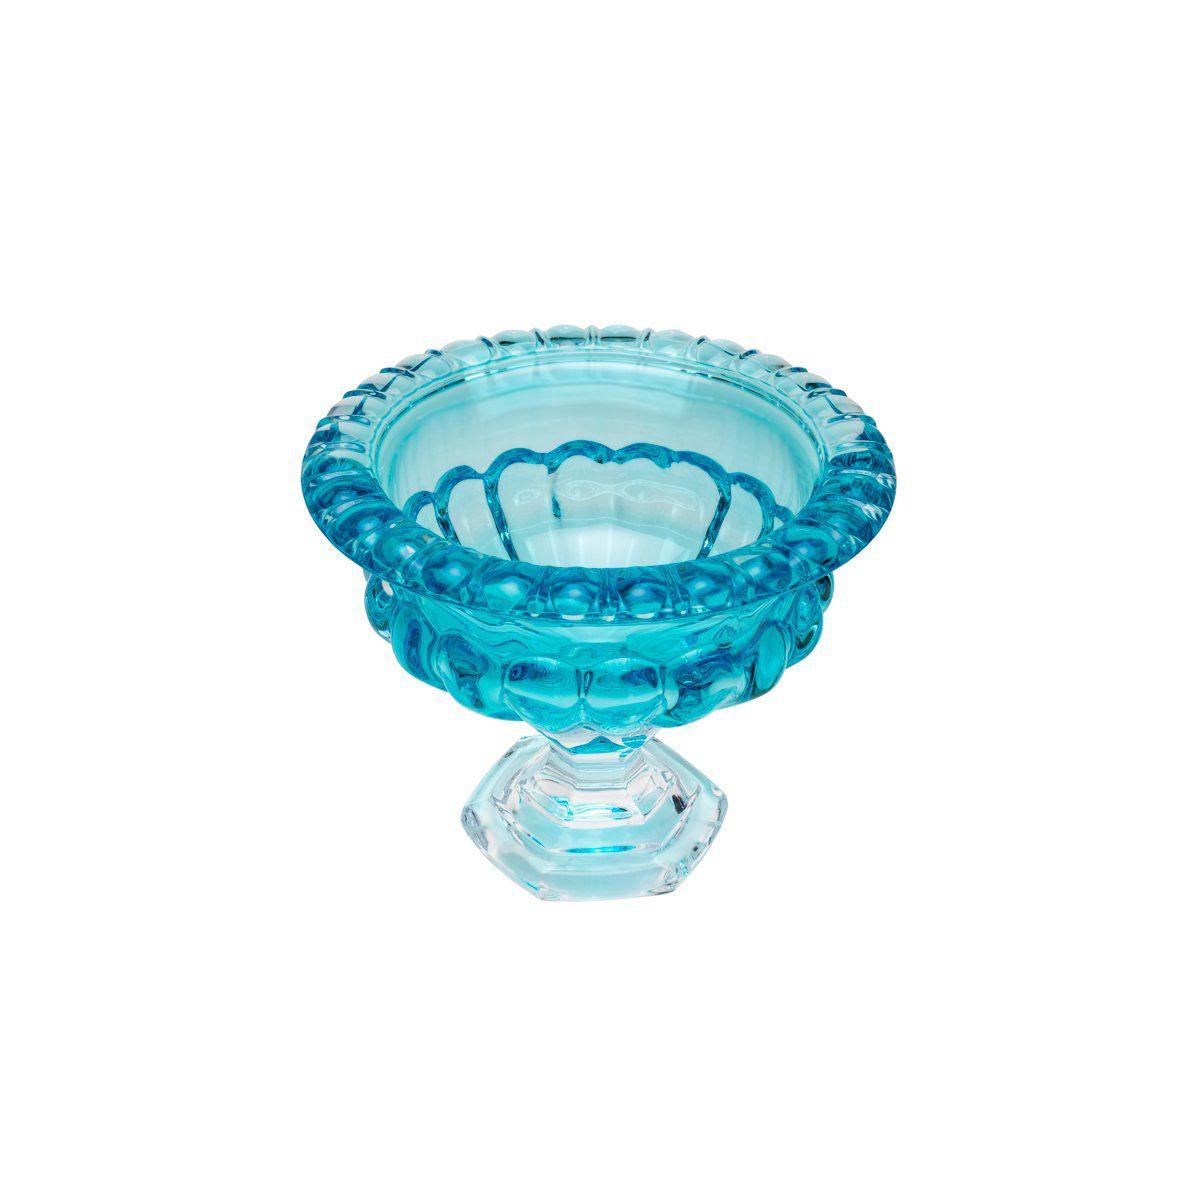 Centro de mesa 19,5 cm de cristal turquesa com pé Sussex Wolff - 26449